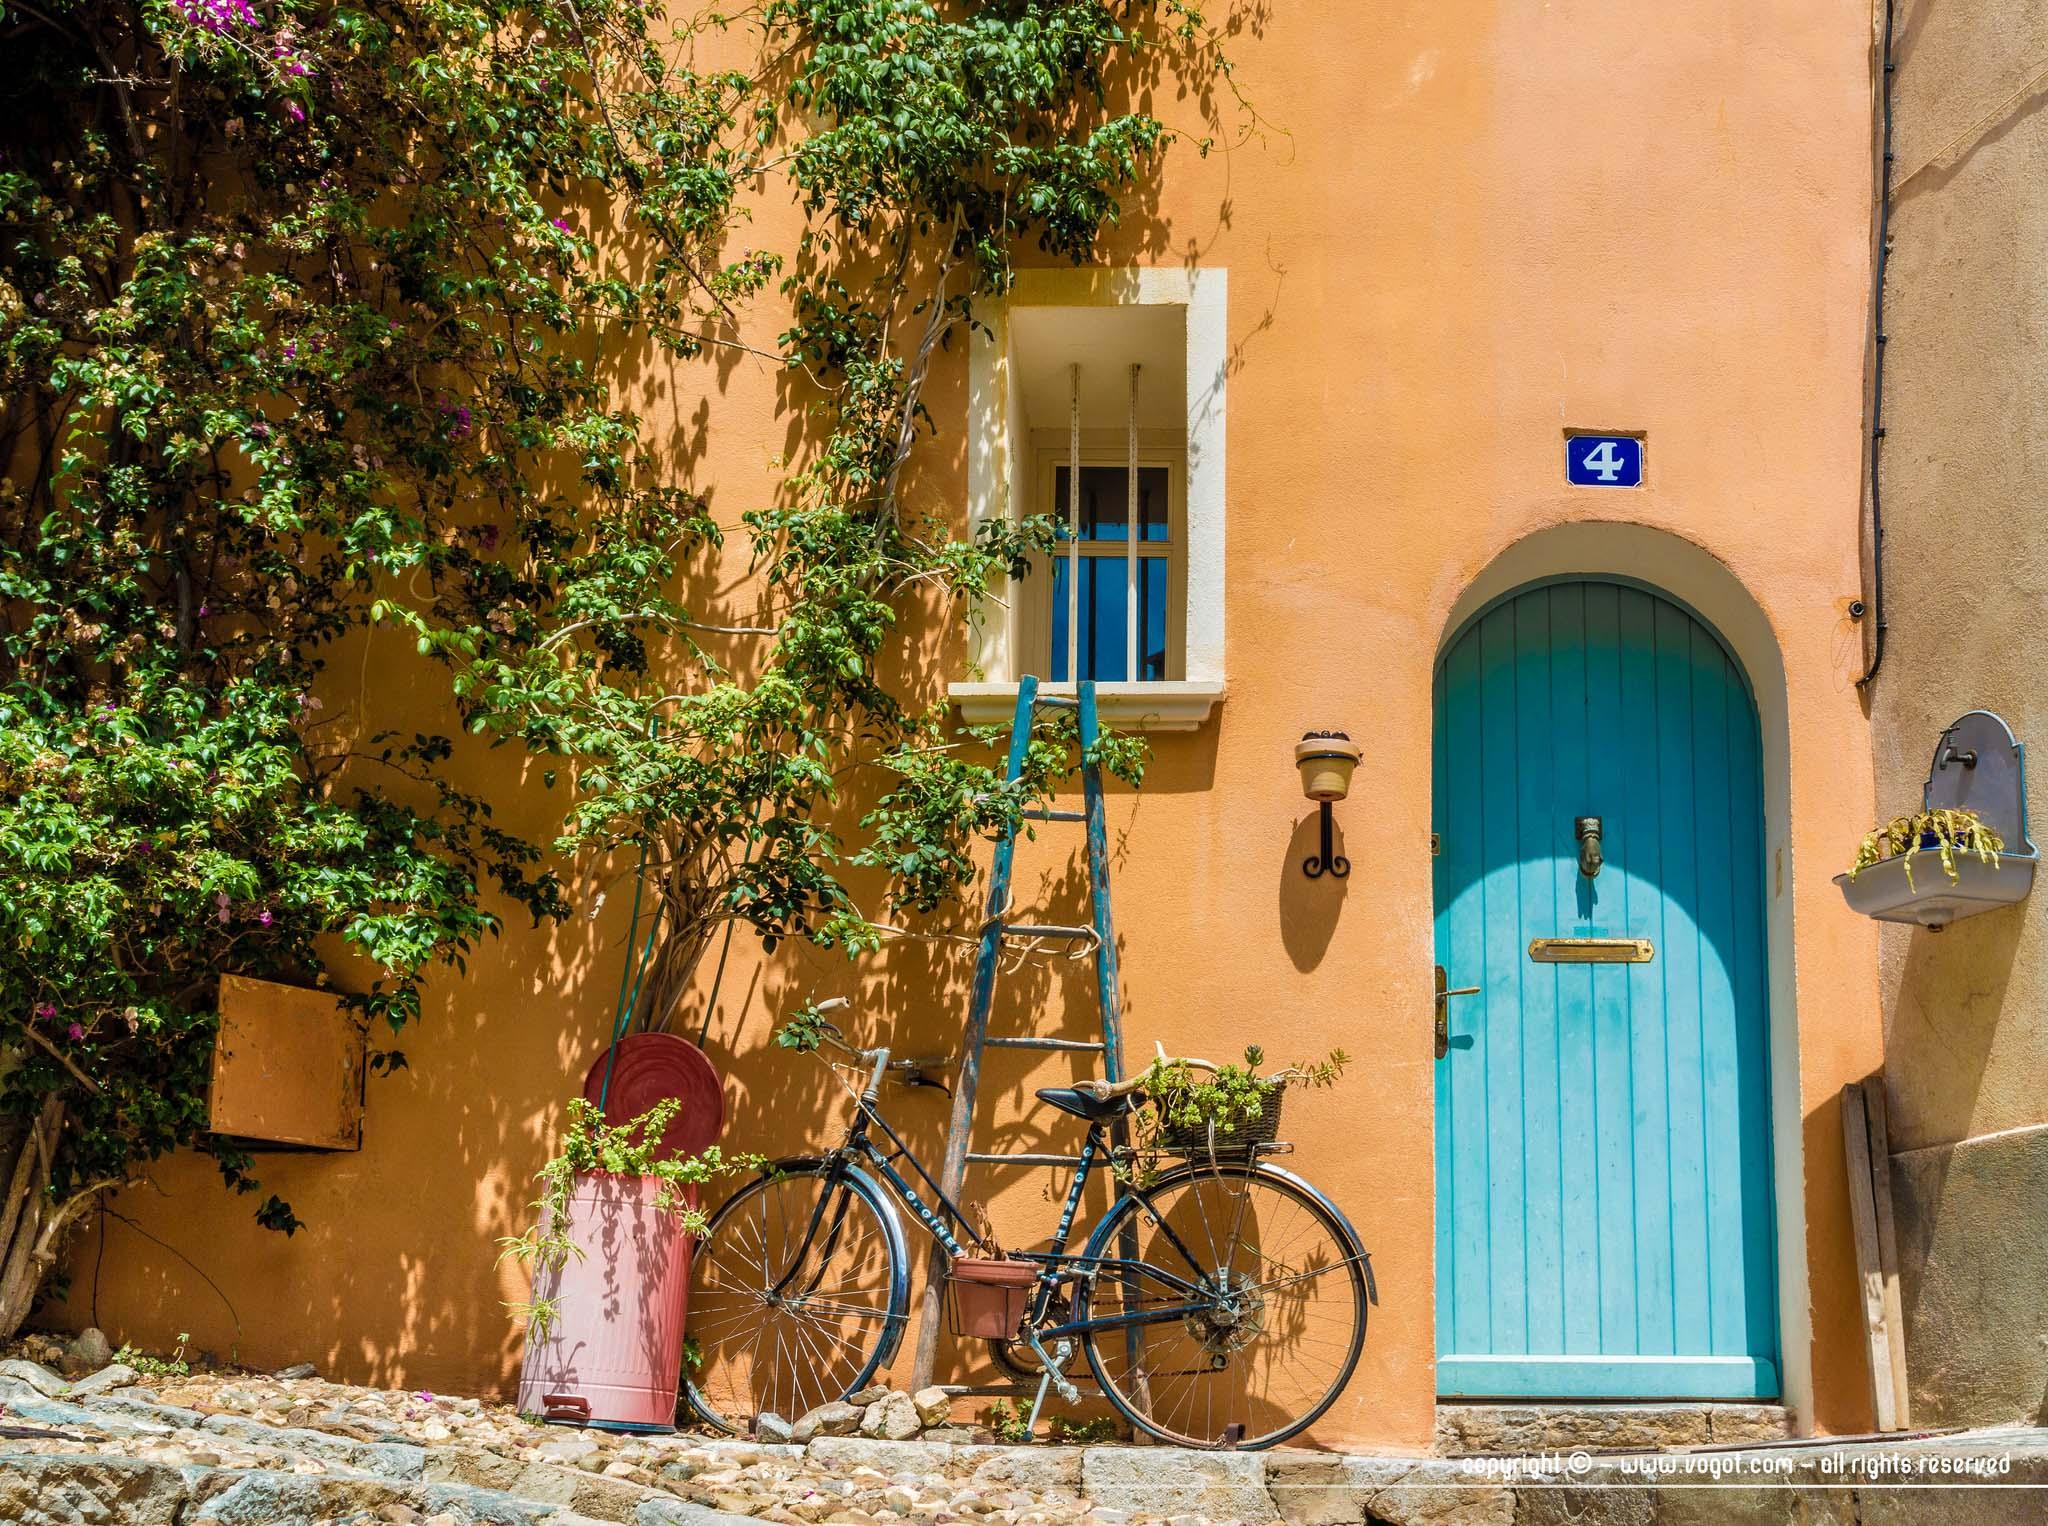 Une façade orangée baignée de soleil avec une porte bleue, un vélo, une échelle et de la végétation